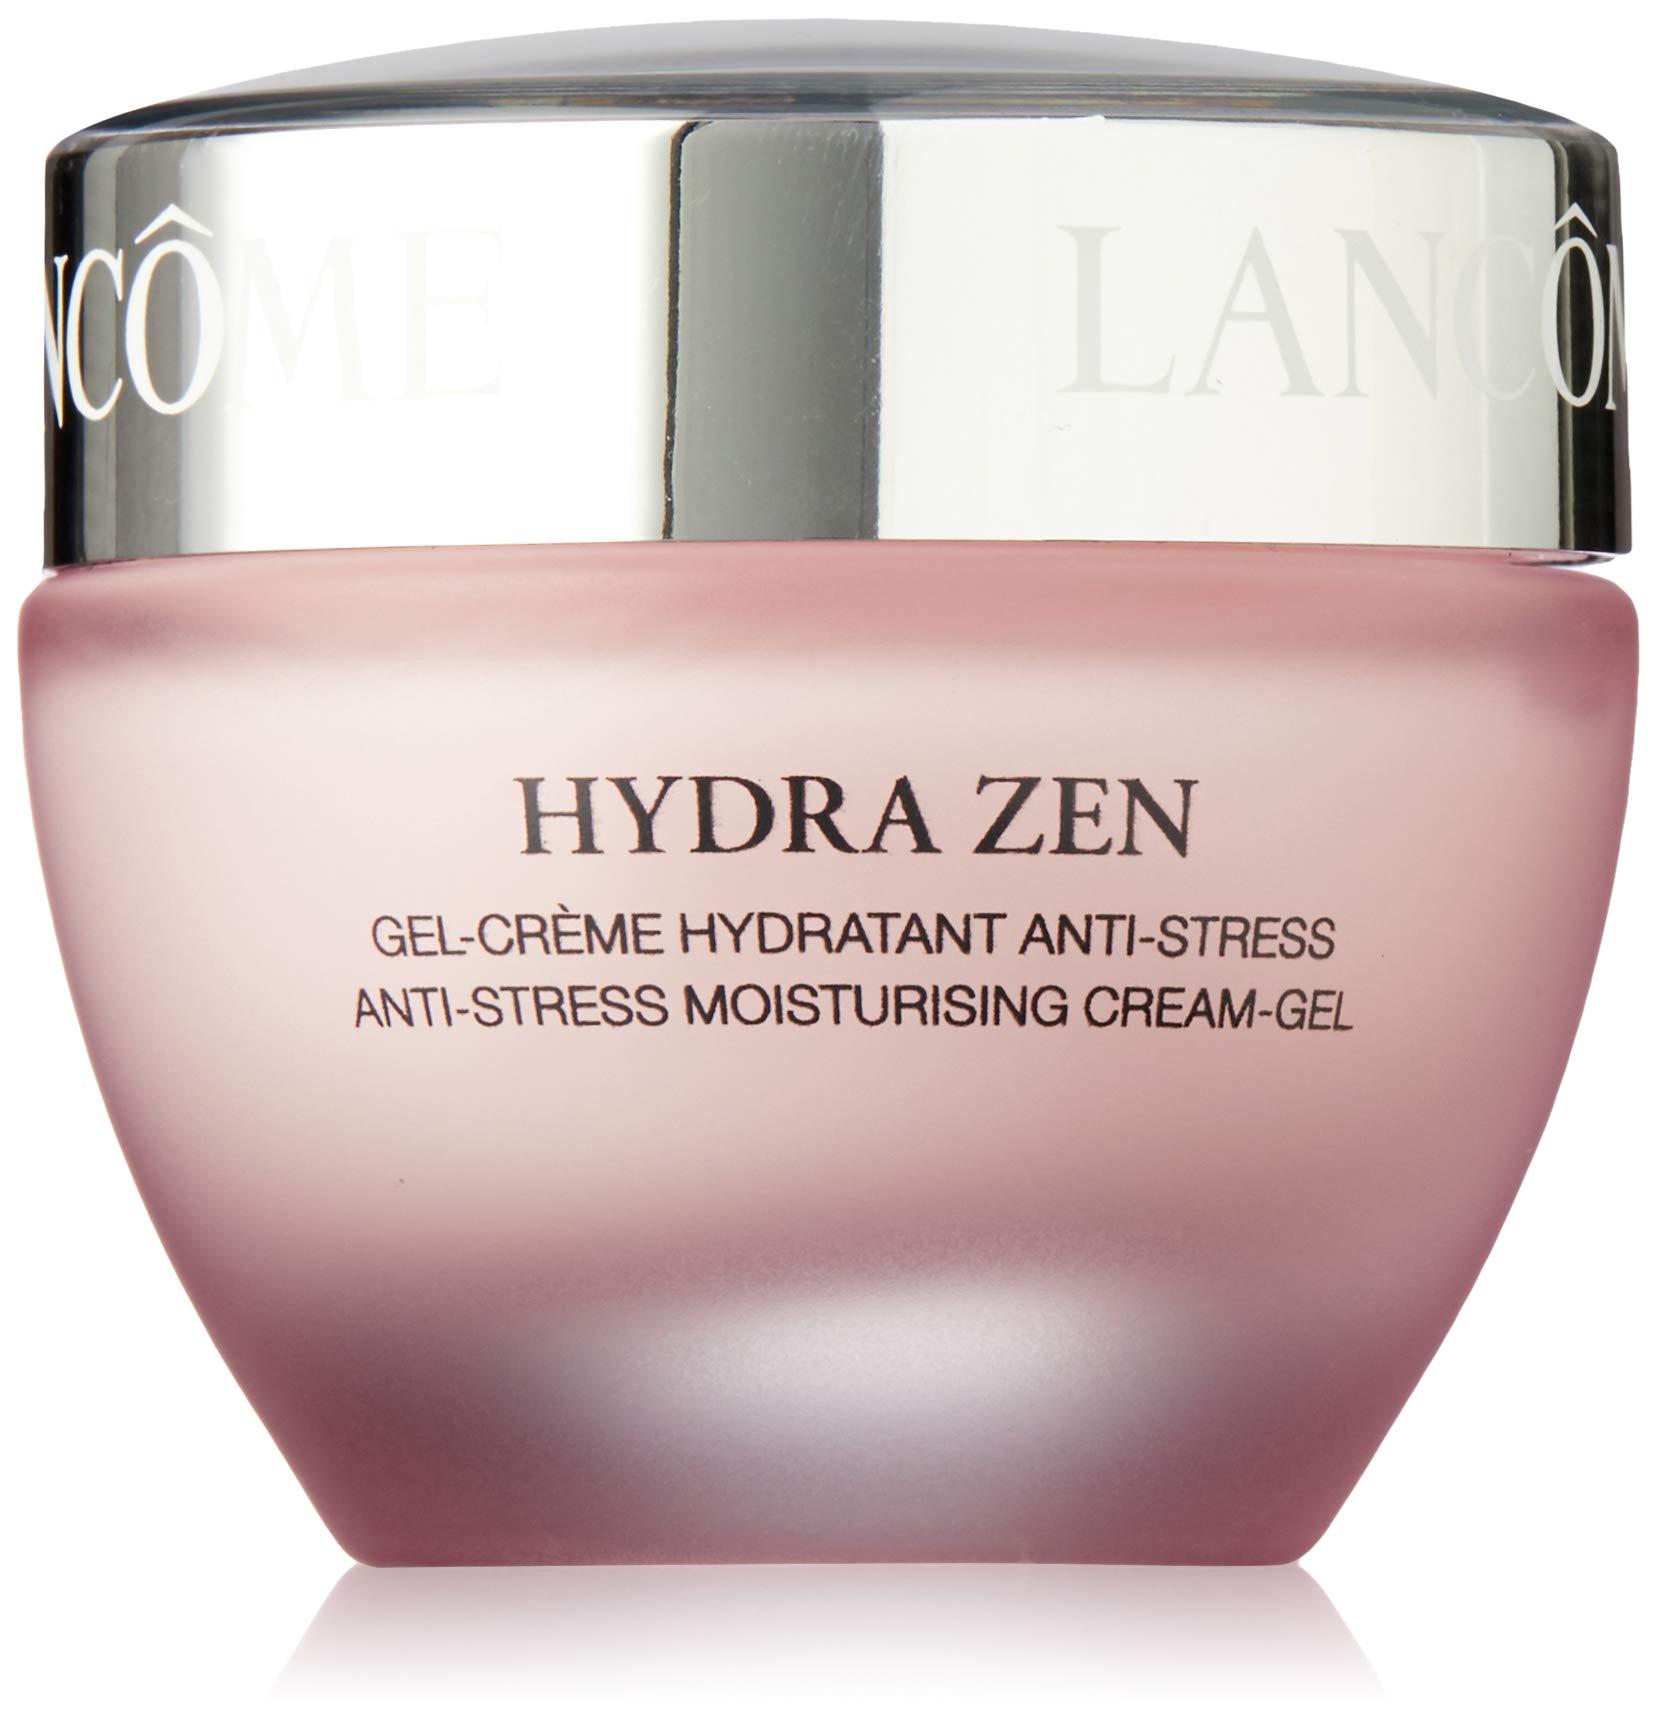 Lancome Hydra Zen Extreme Gel humectante calmante unisex, Cuidado facial 50 ml, 1 paquete (1 x 50 ml)